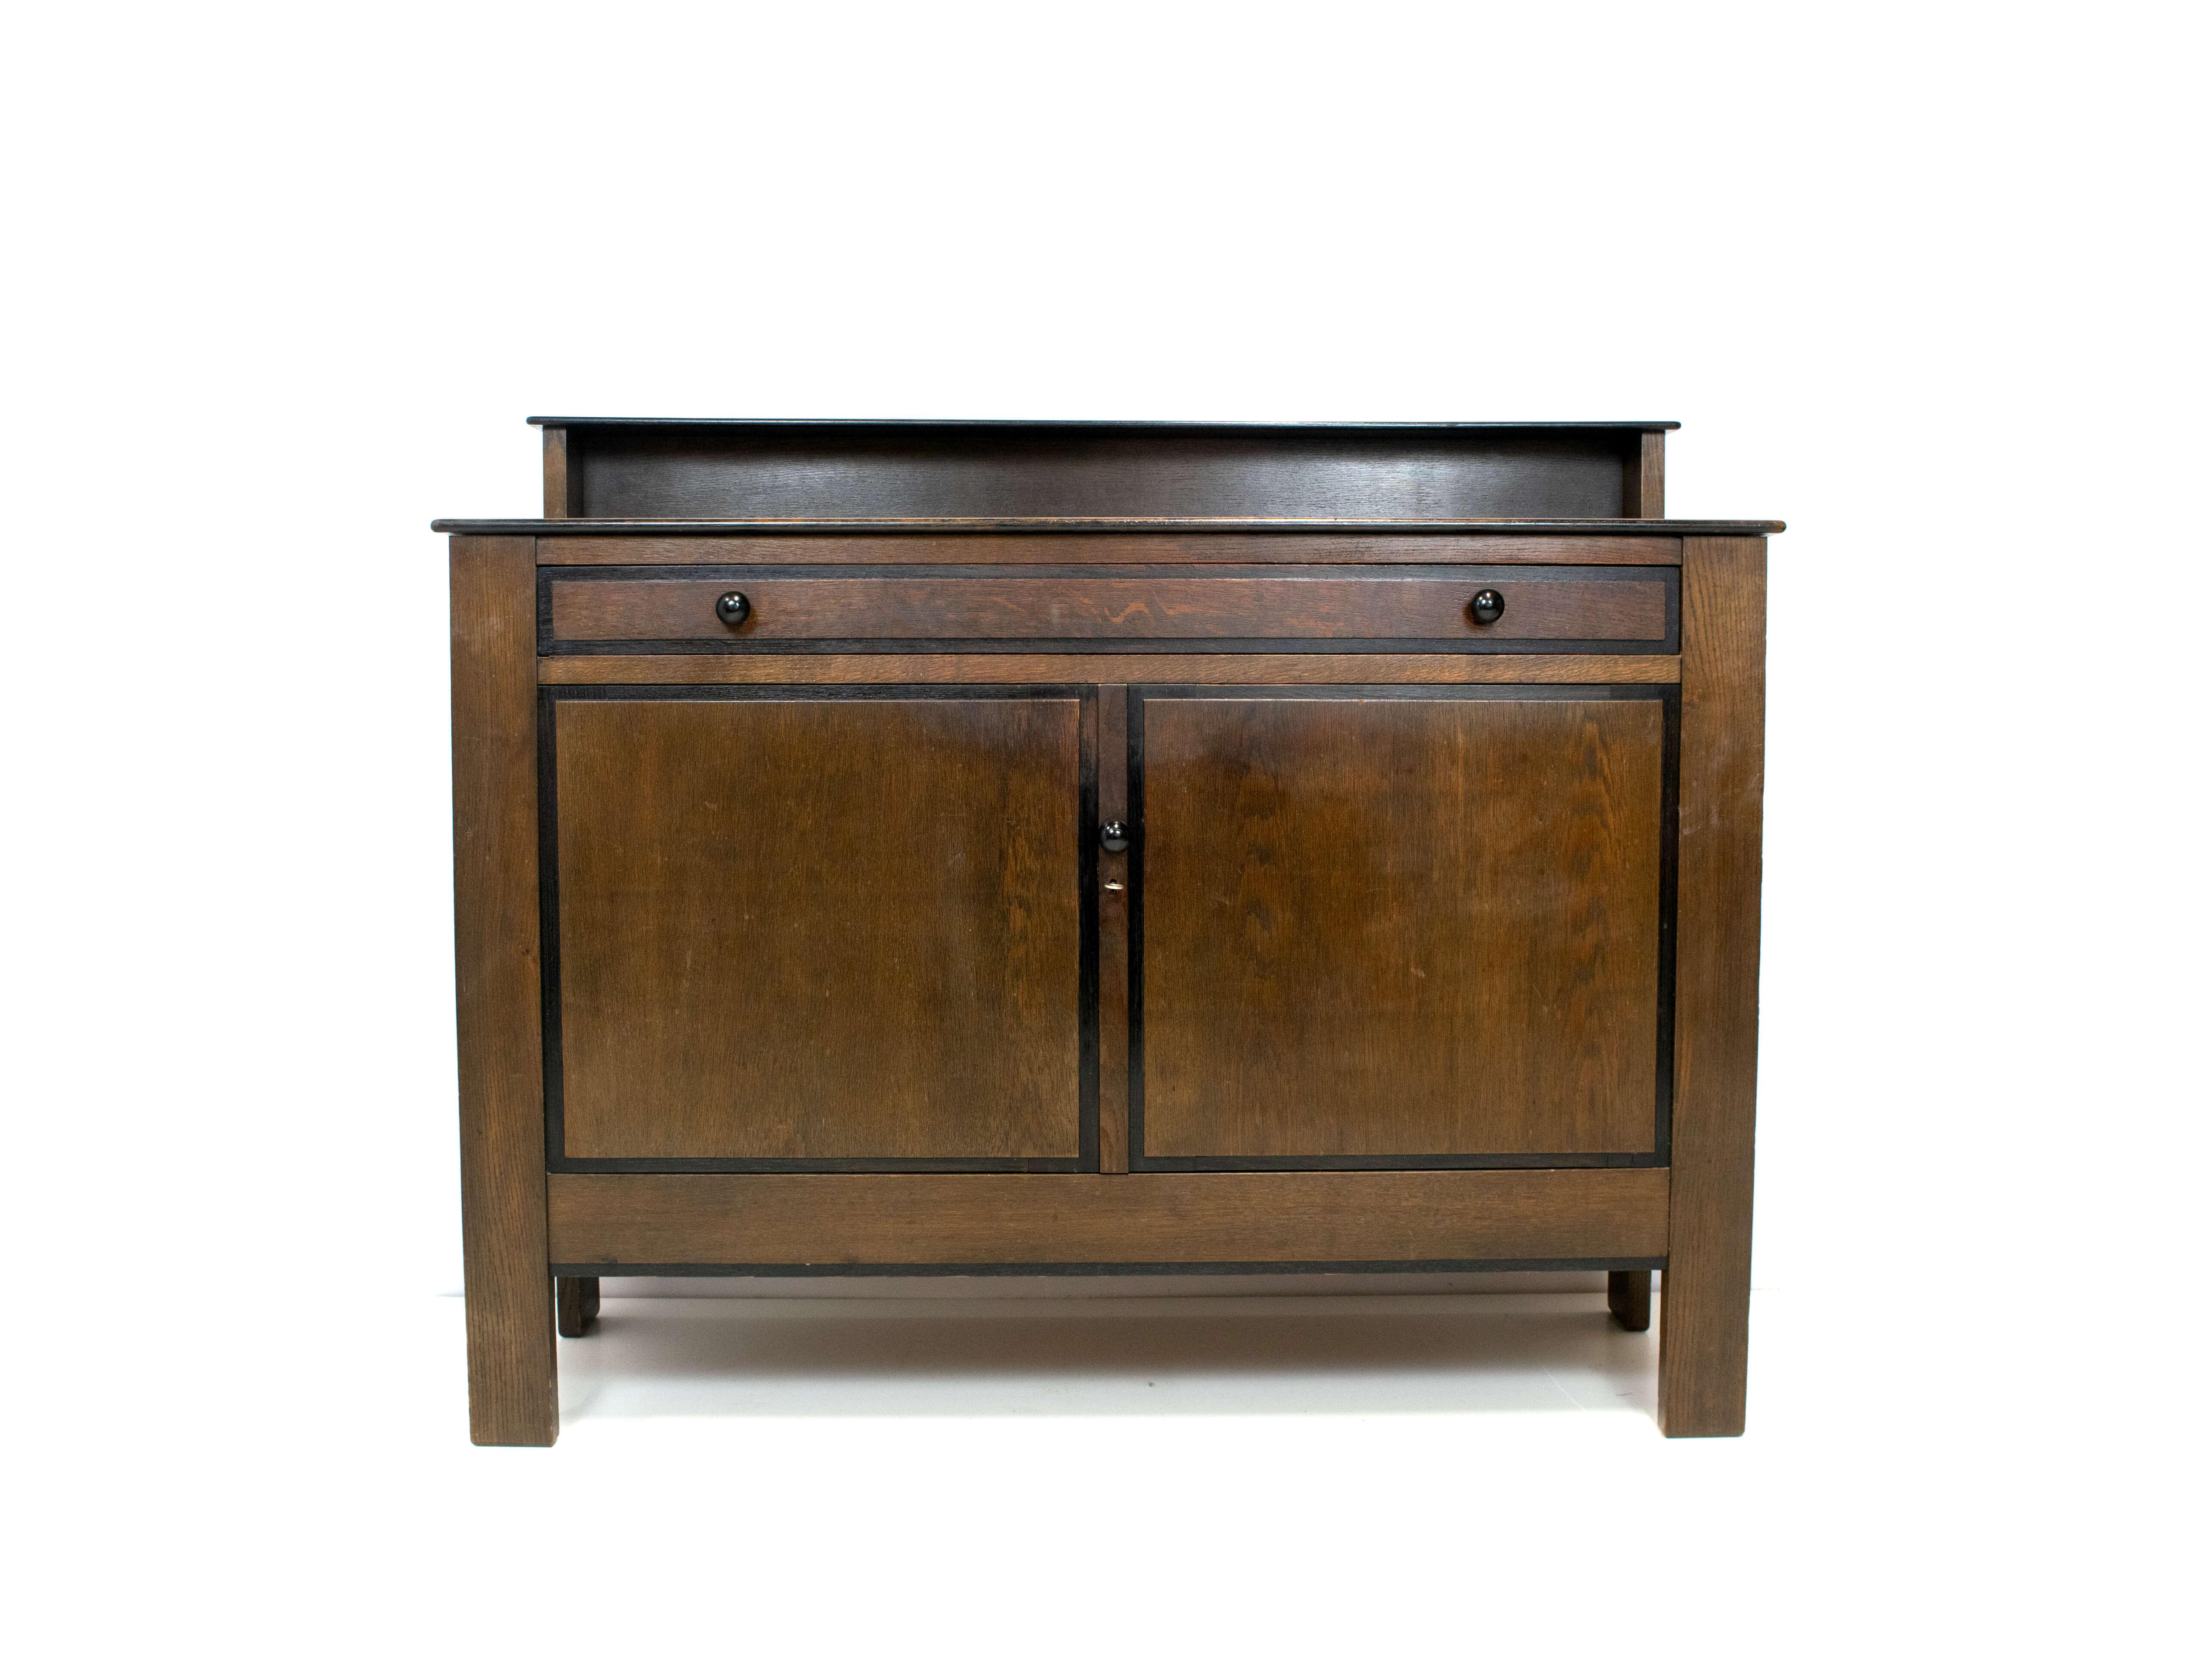 Art Deco Oak Cabinet by Muntendam for L.O.V. Oosterbeek, Netherlands 1924